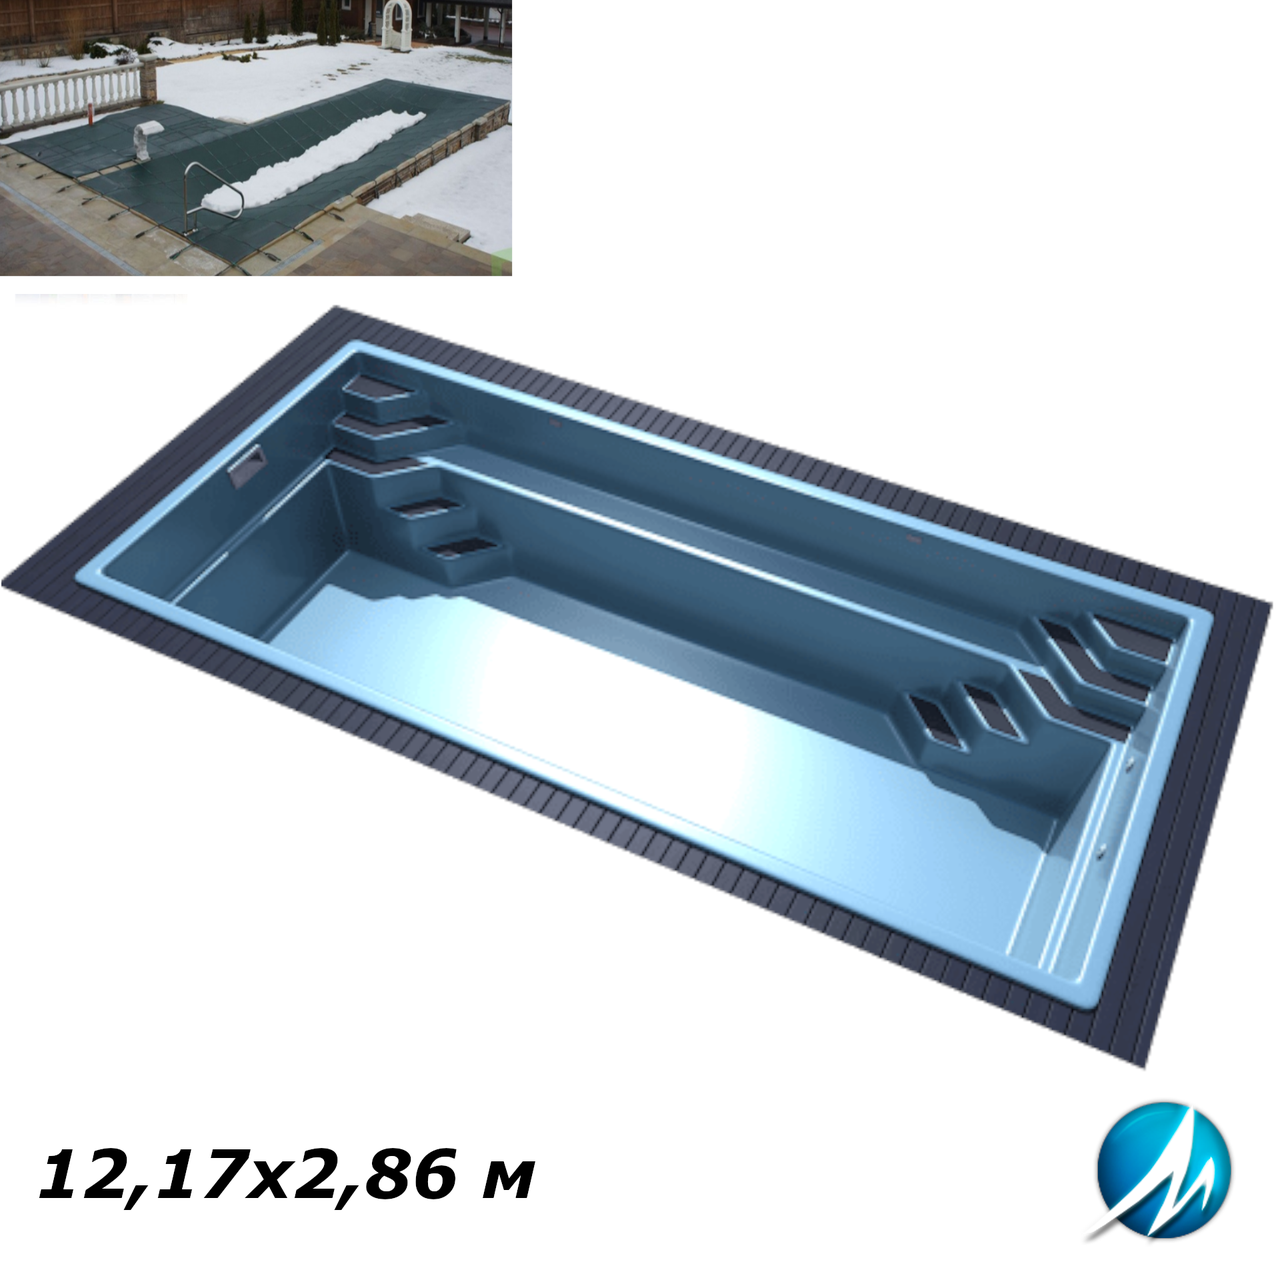 Зимовий накриття для скловолоконного басейну 12,17х2,86 м